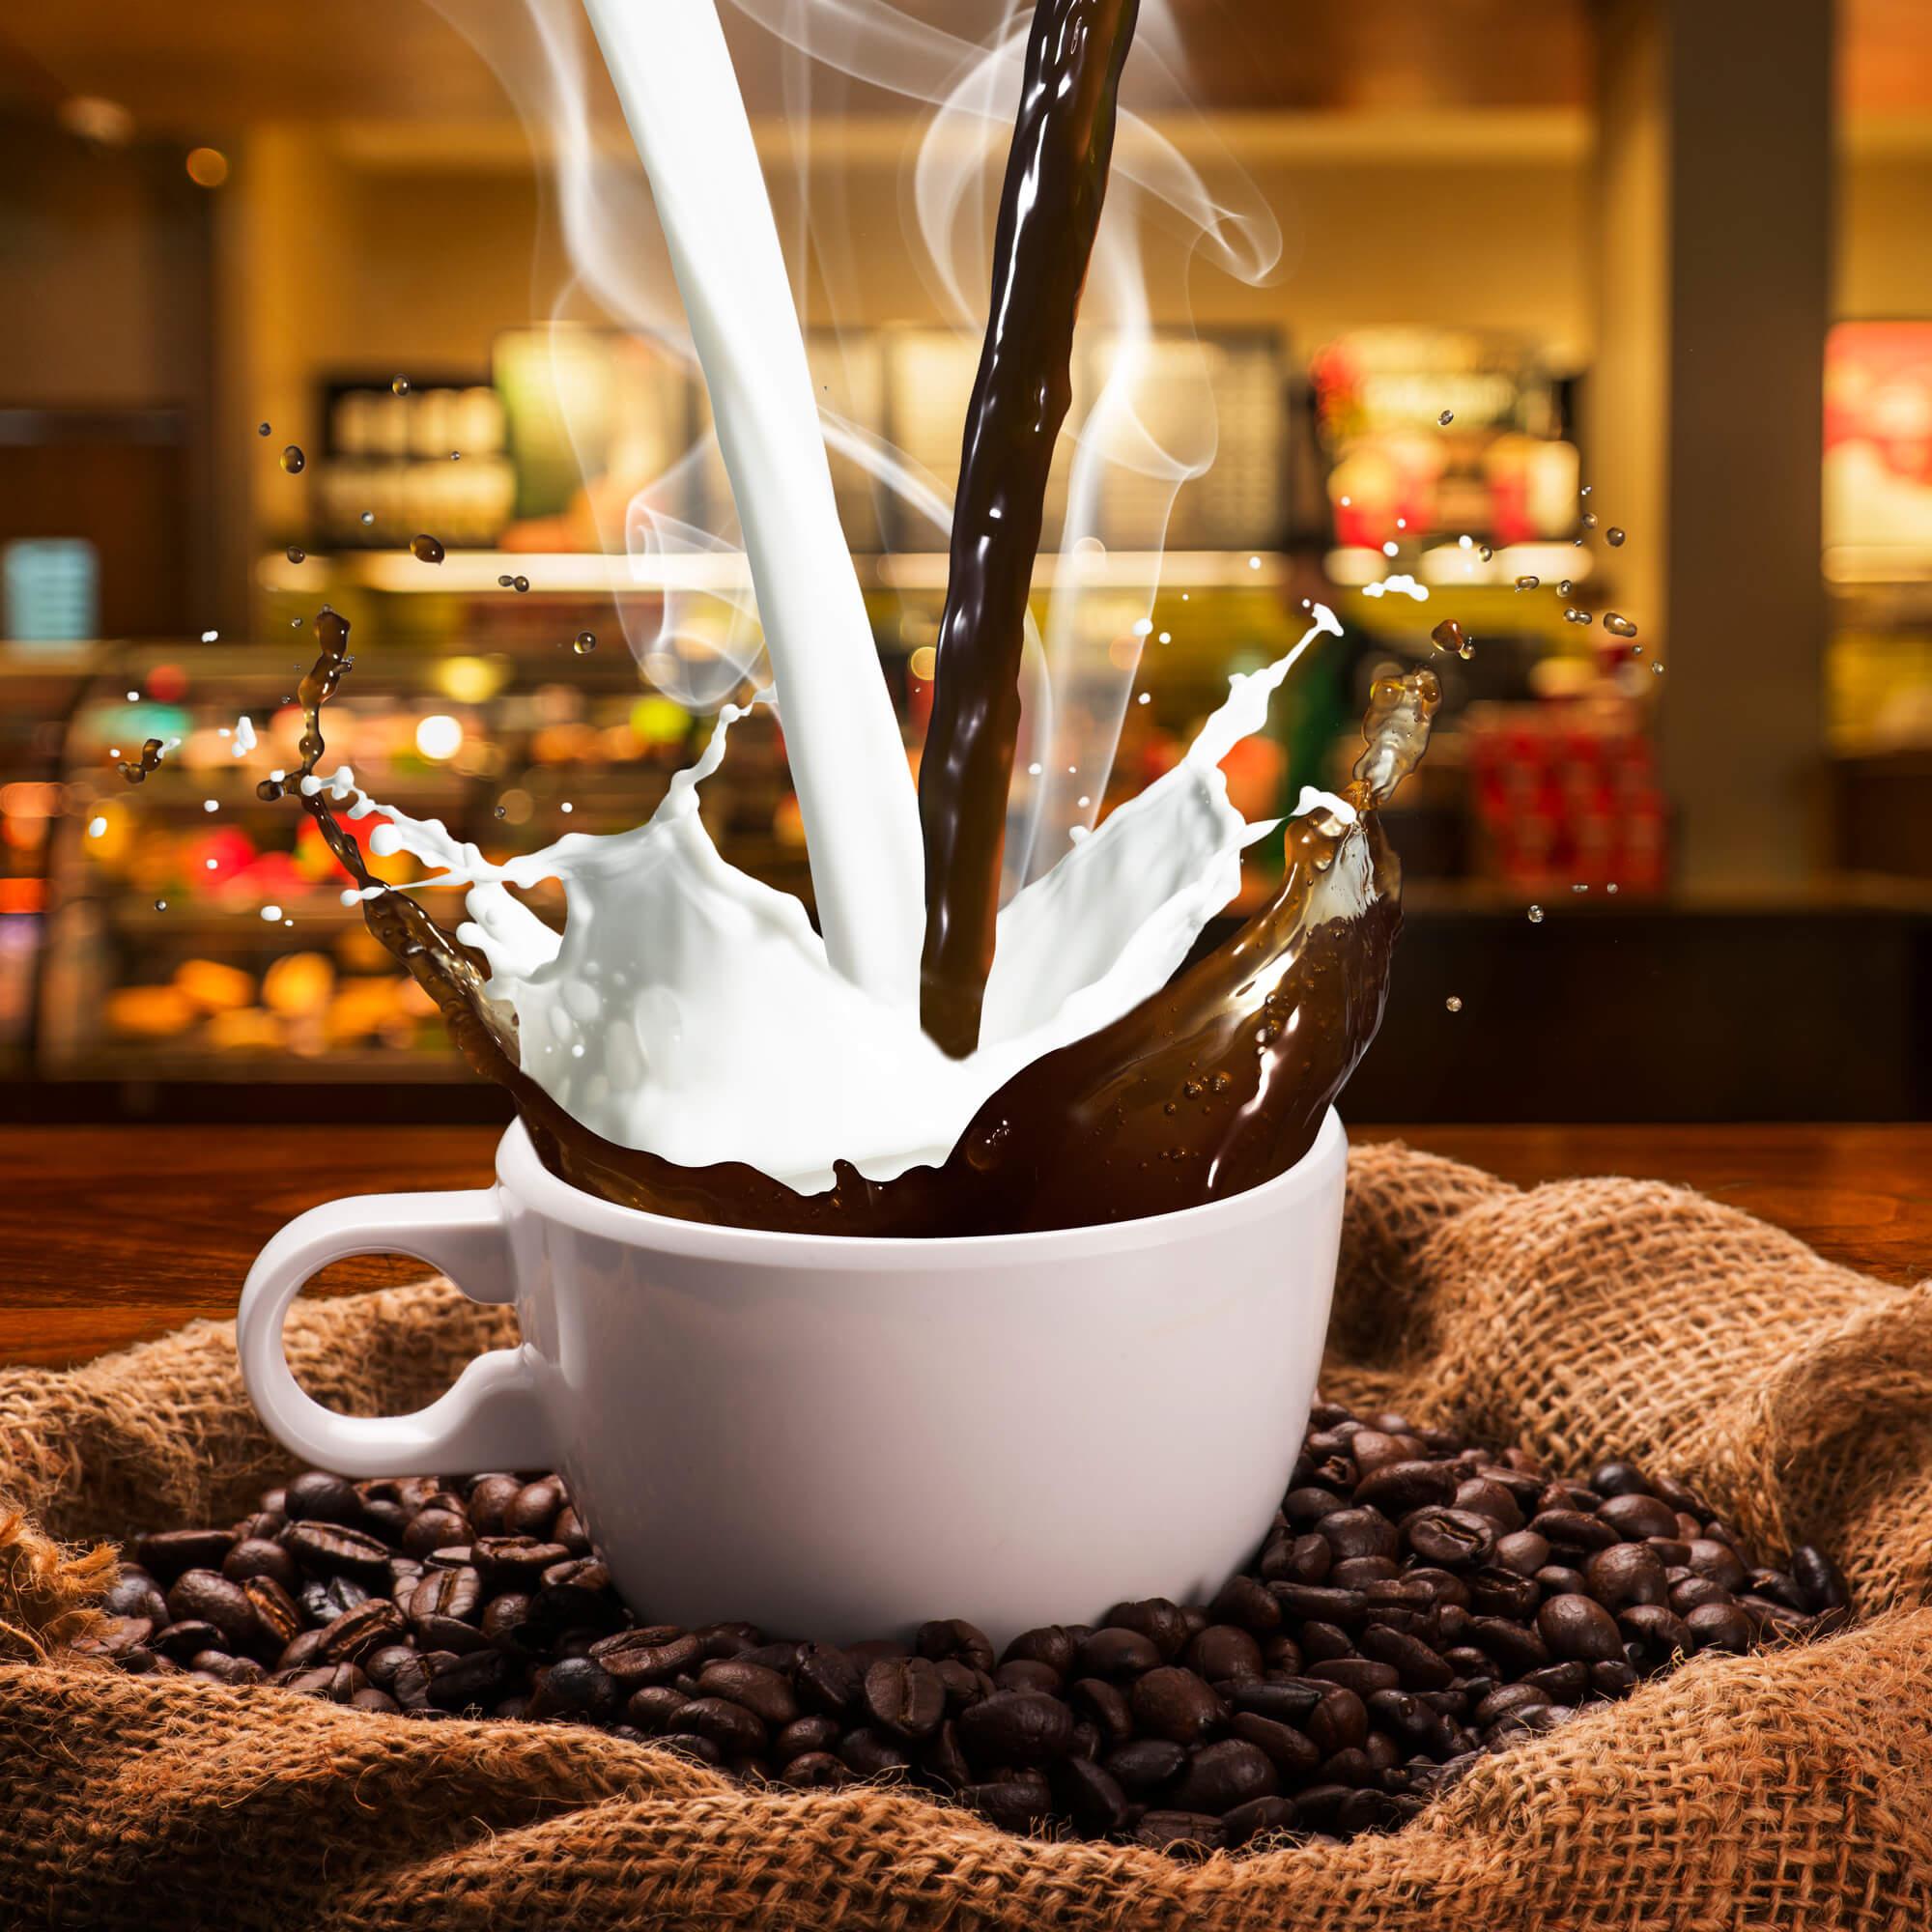 ziarna-kawy-gotowe-do-zmielenia-w-młynku